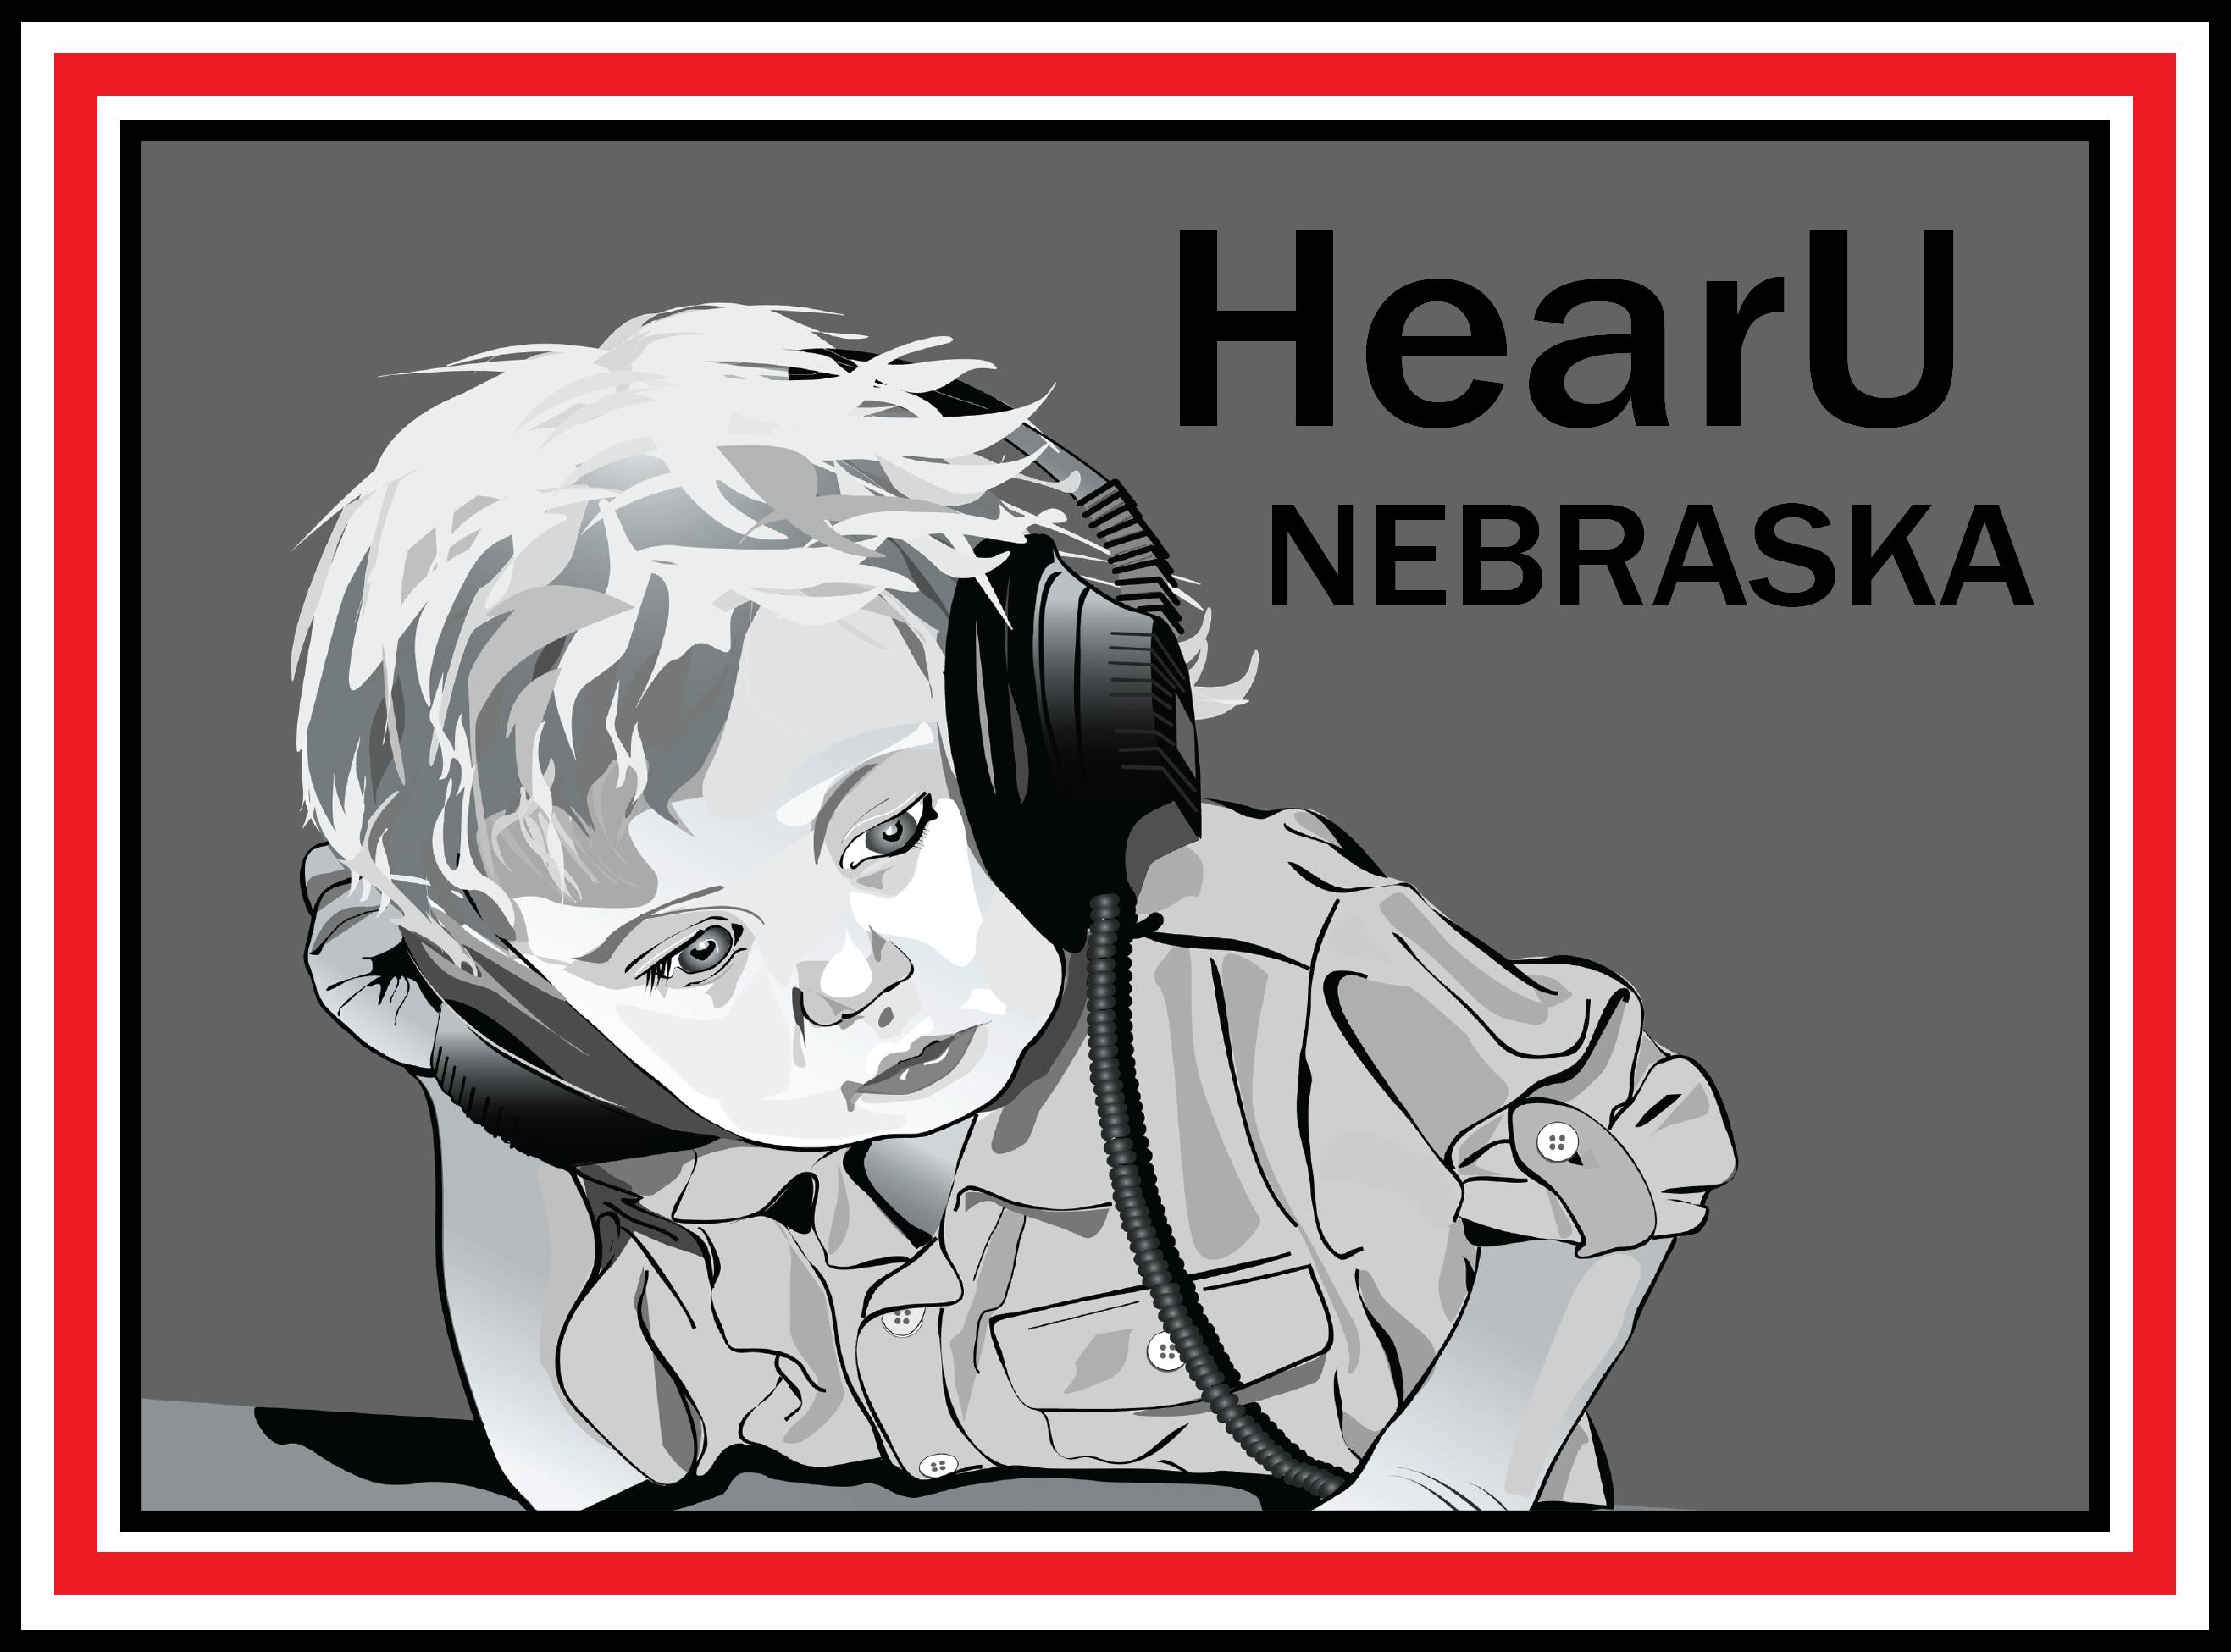 HearU Nebraska